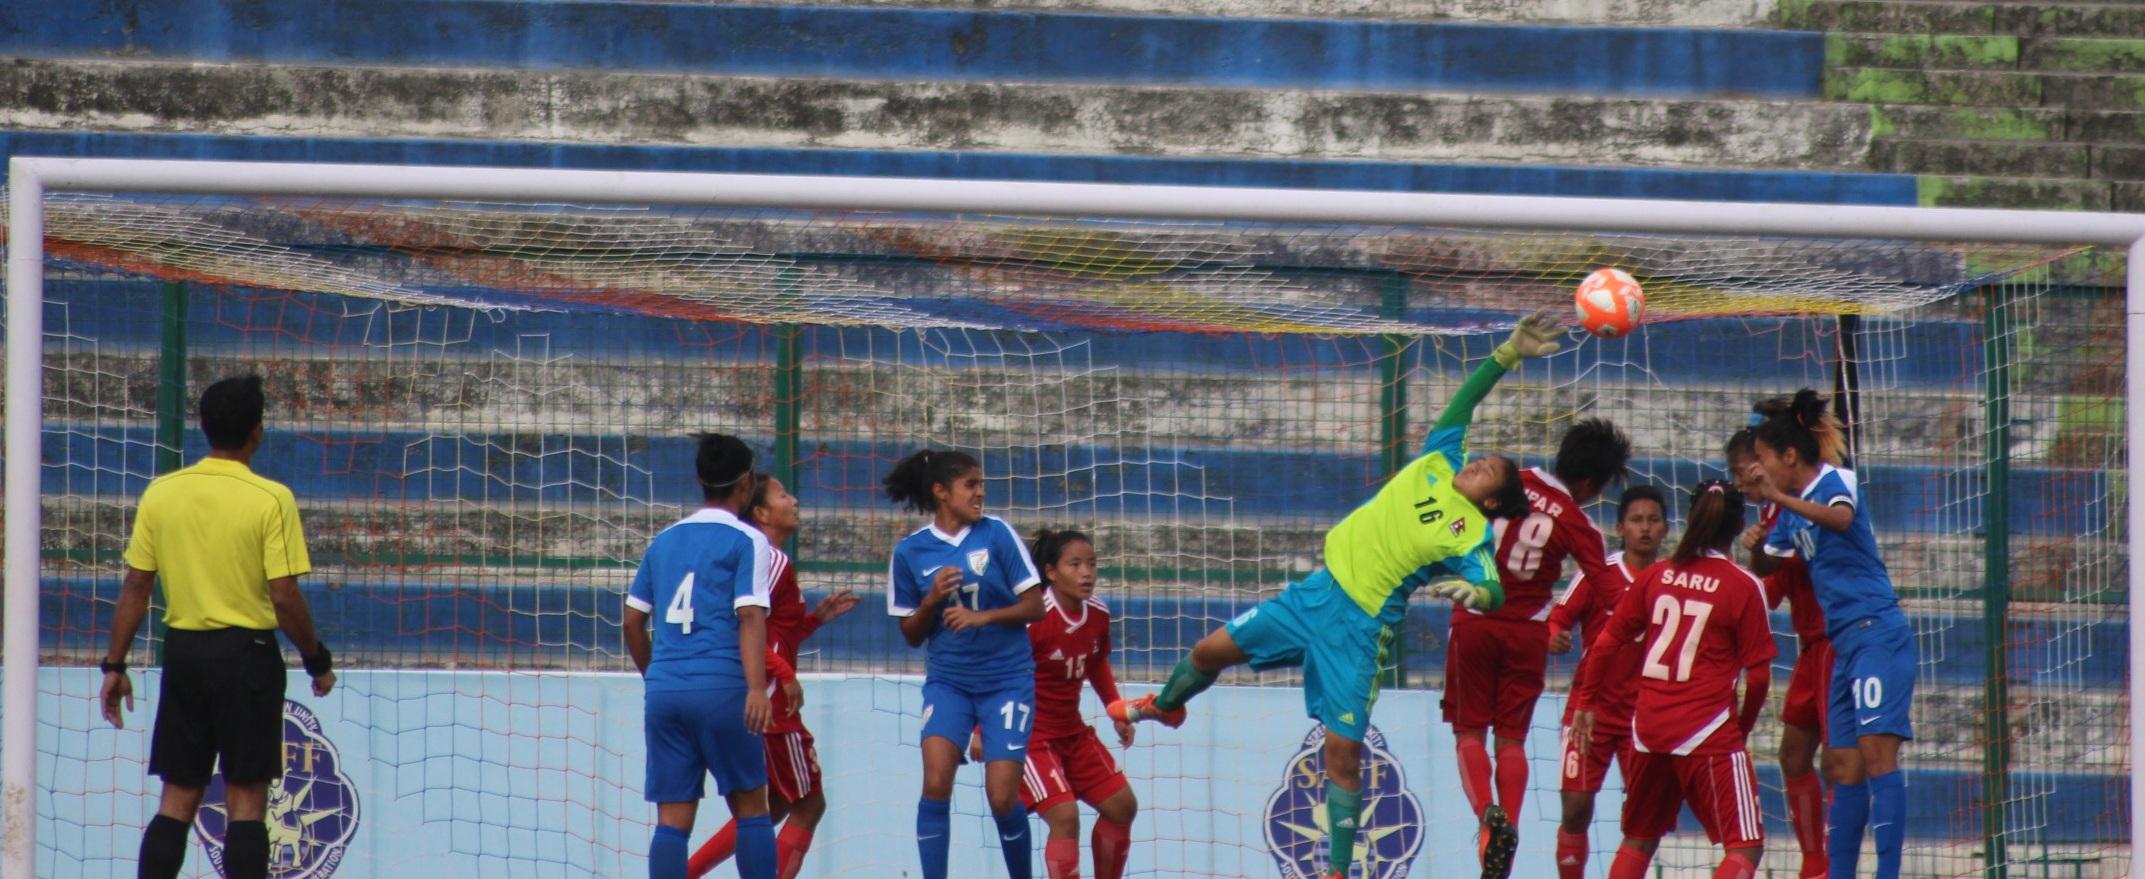 नेपाल र भारतबीचको साफ च्याम्पियनसिप सेमिफाइनल [फोटो फिचर]